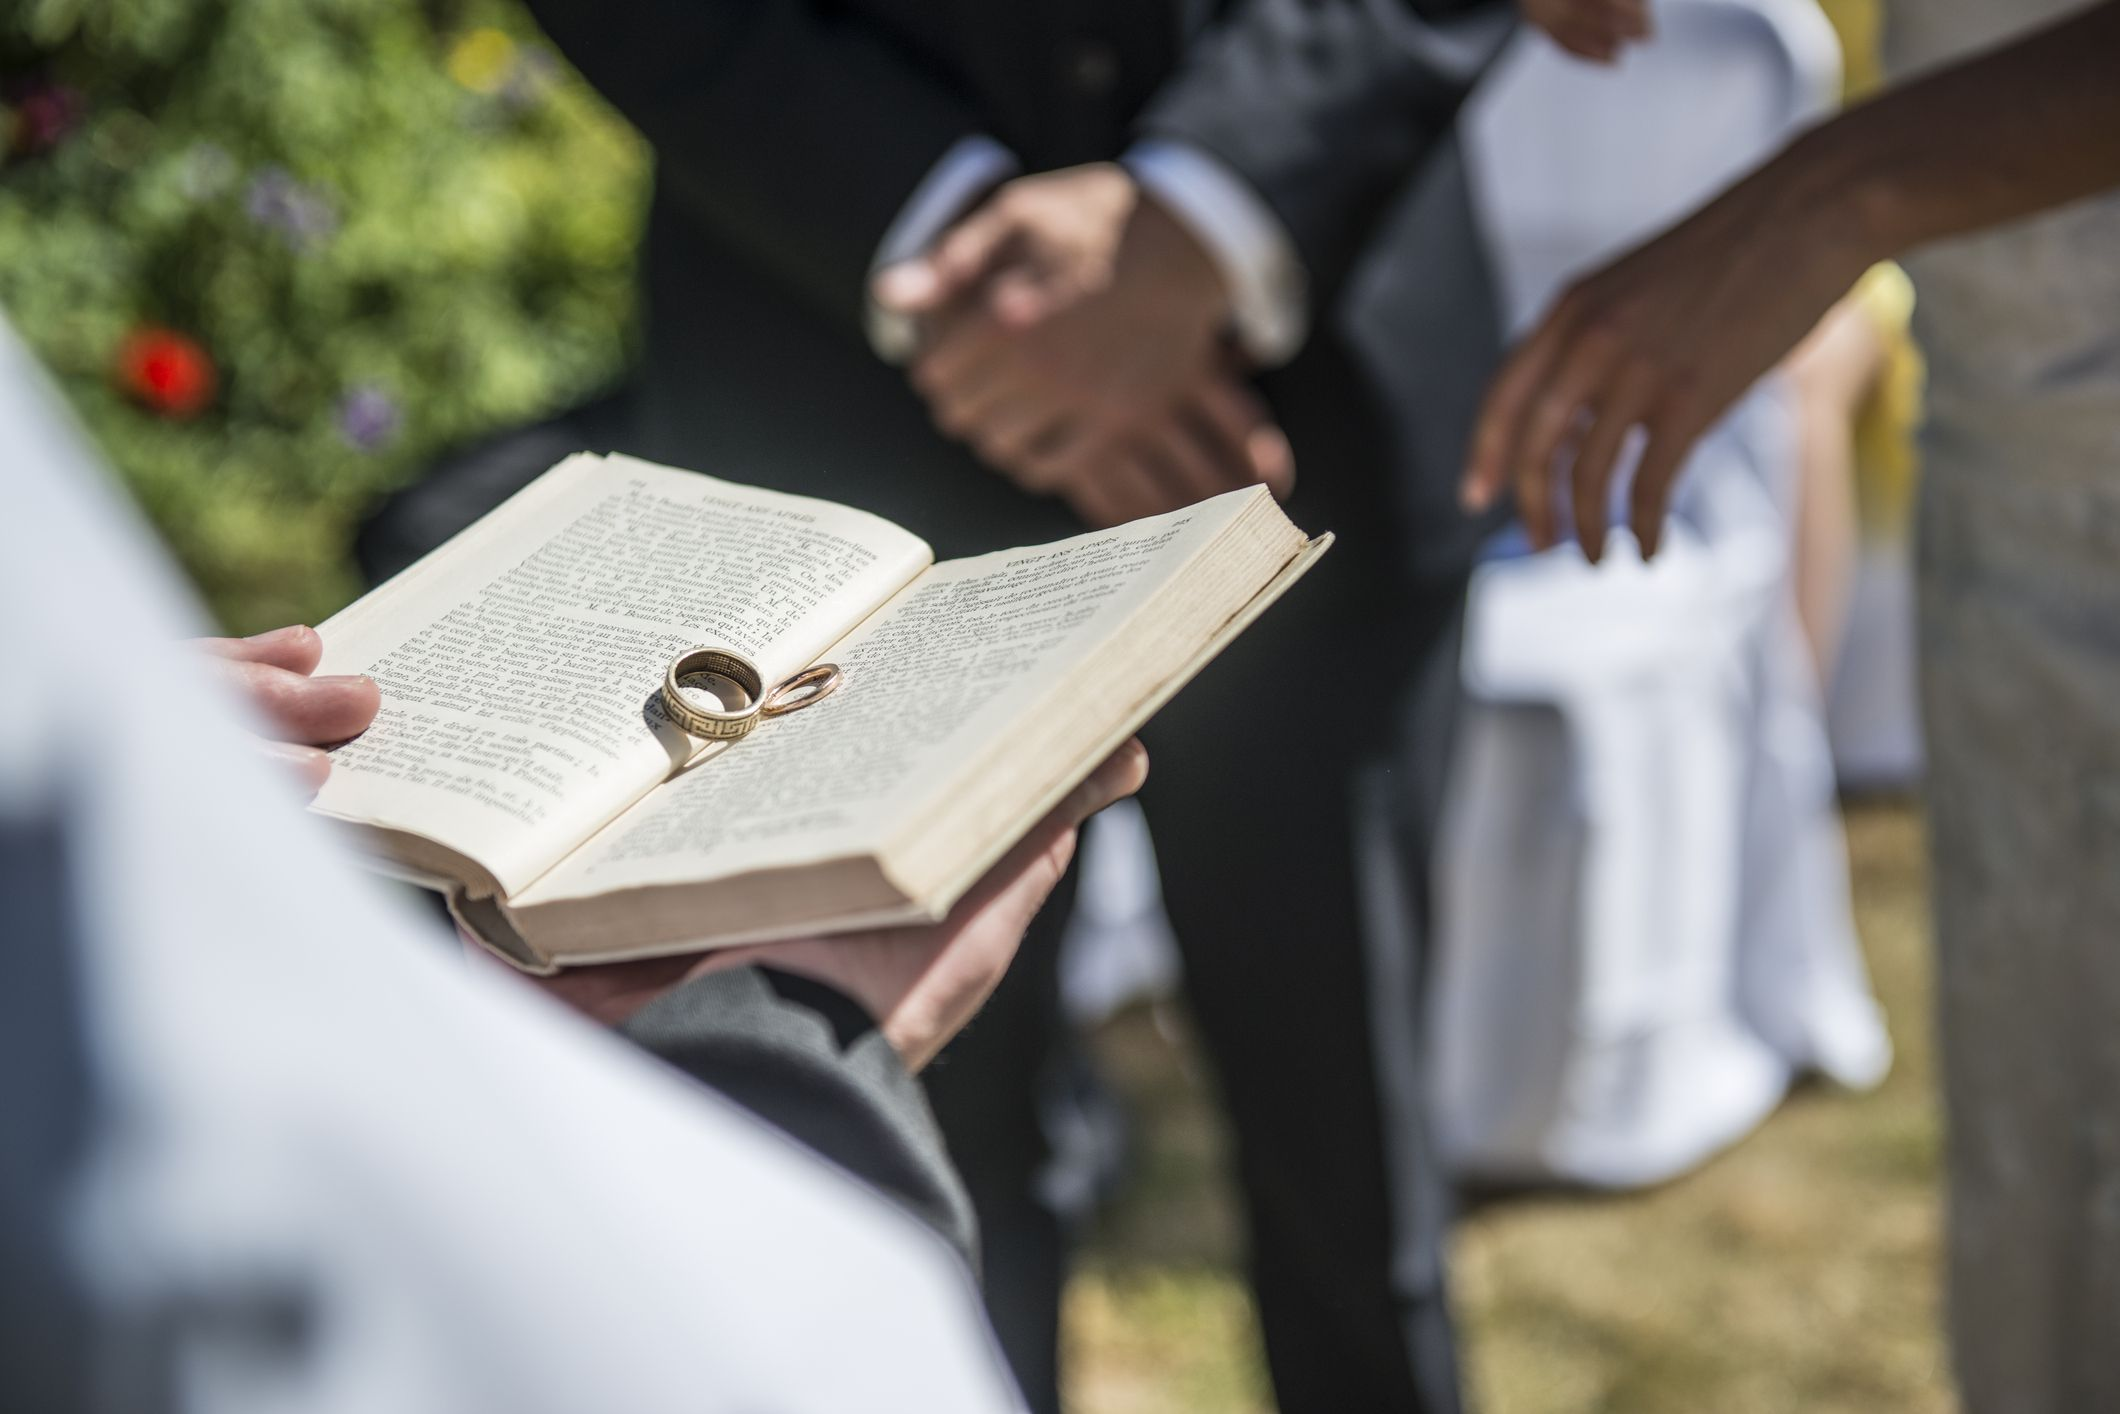 Matrimonio Biblia Versos : Lecturas para ceremonia de matrimonio católica